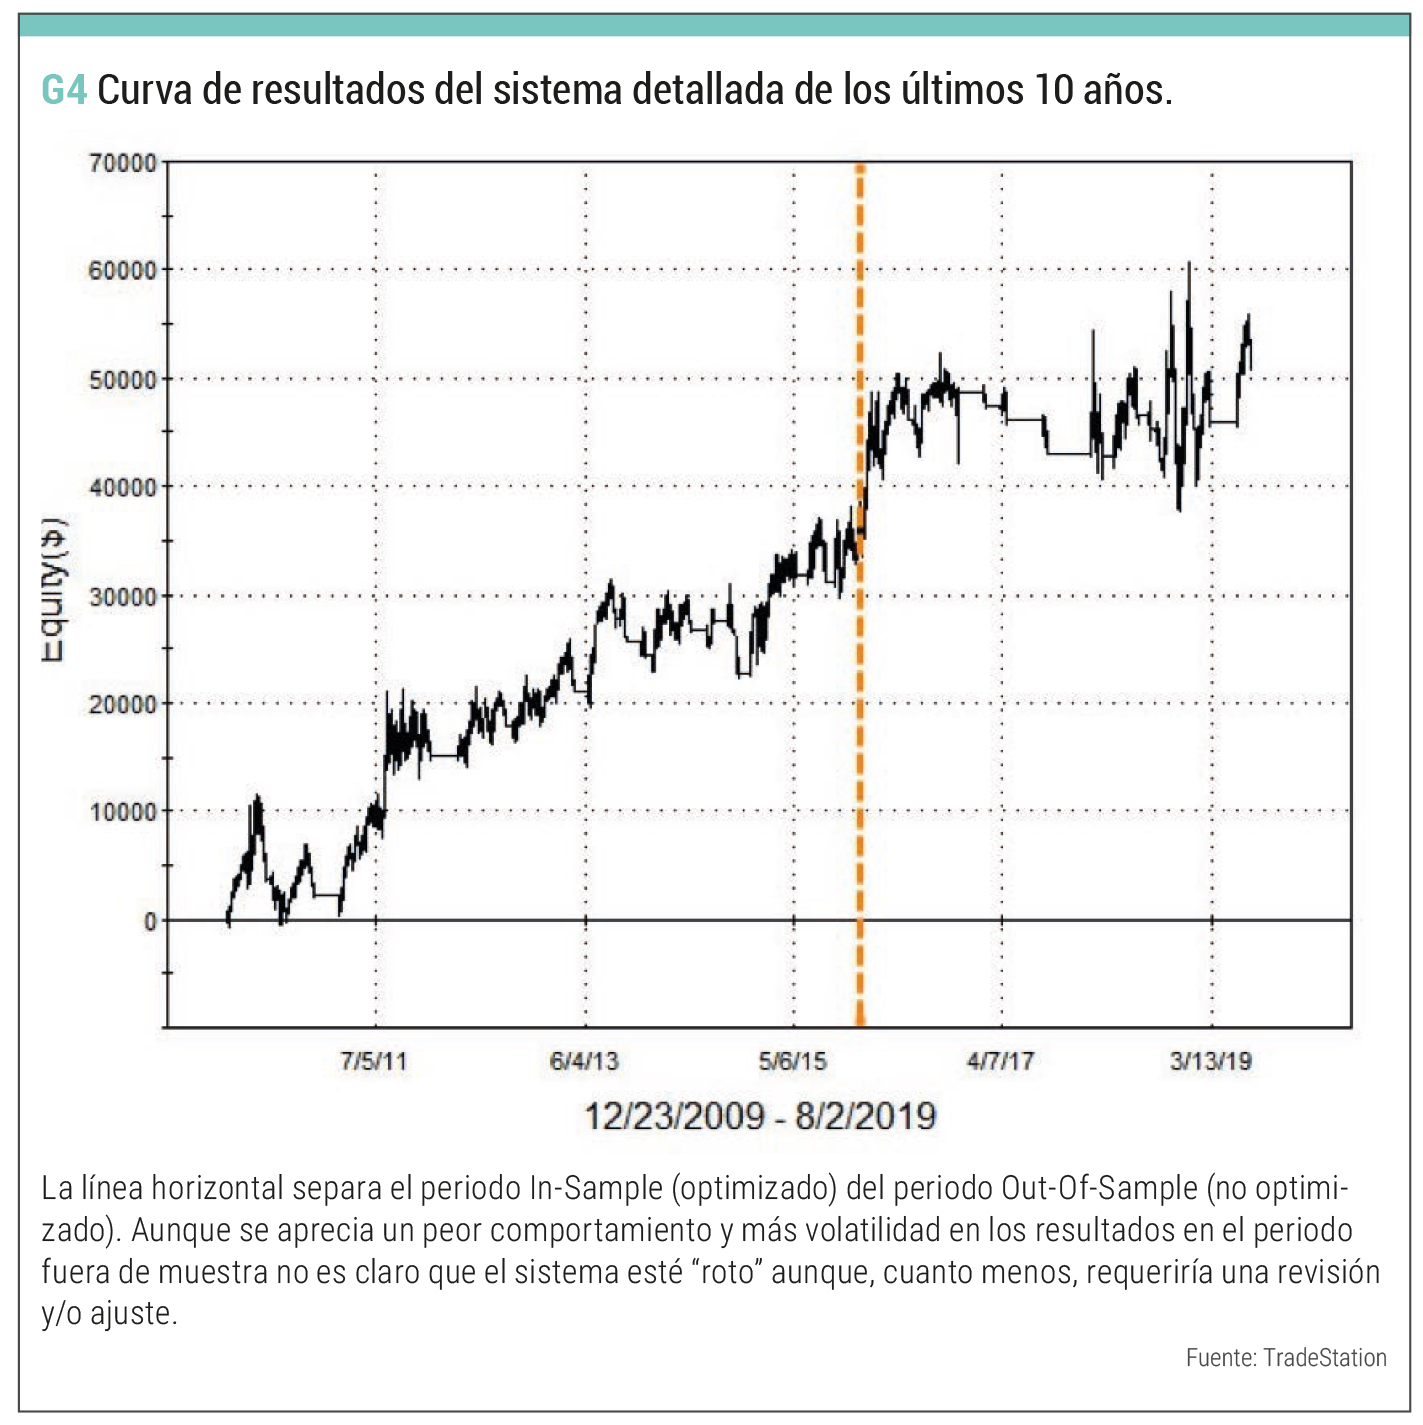 curva resultados